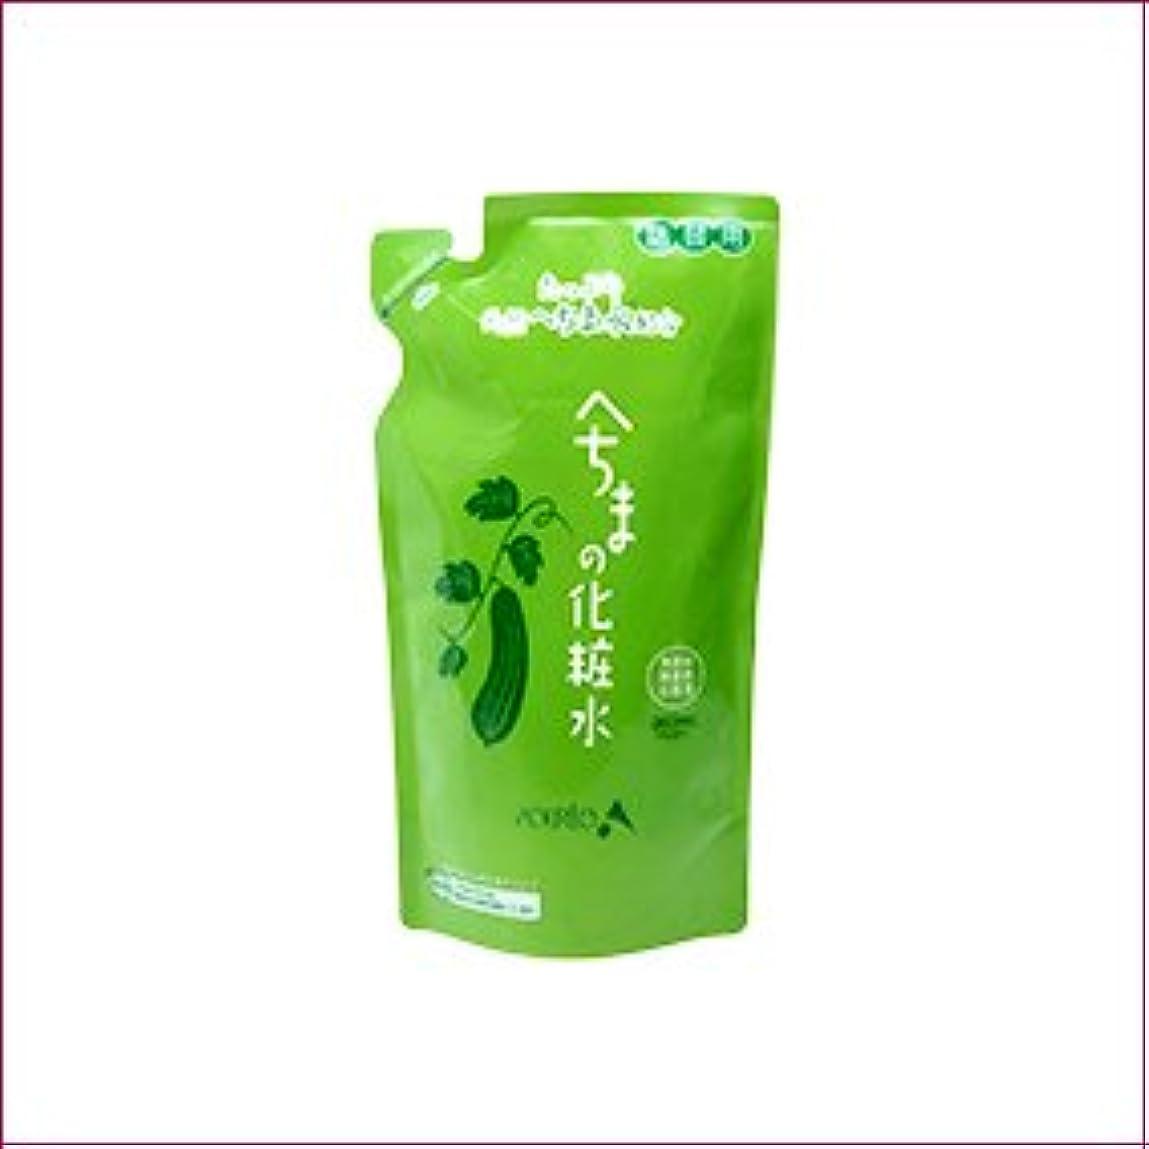 プレビュー減らす食事ポルトA たっぷり天然へちま水配合スキンローション H(詰替用)